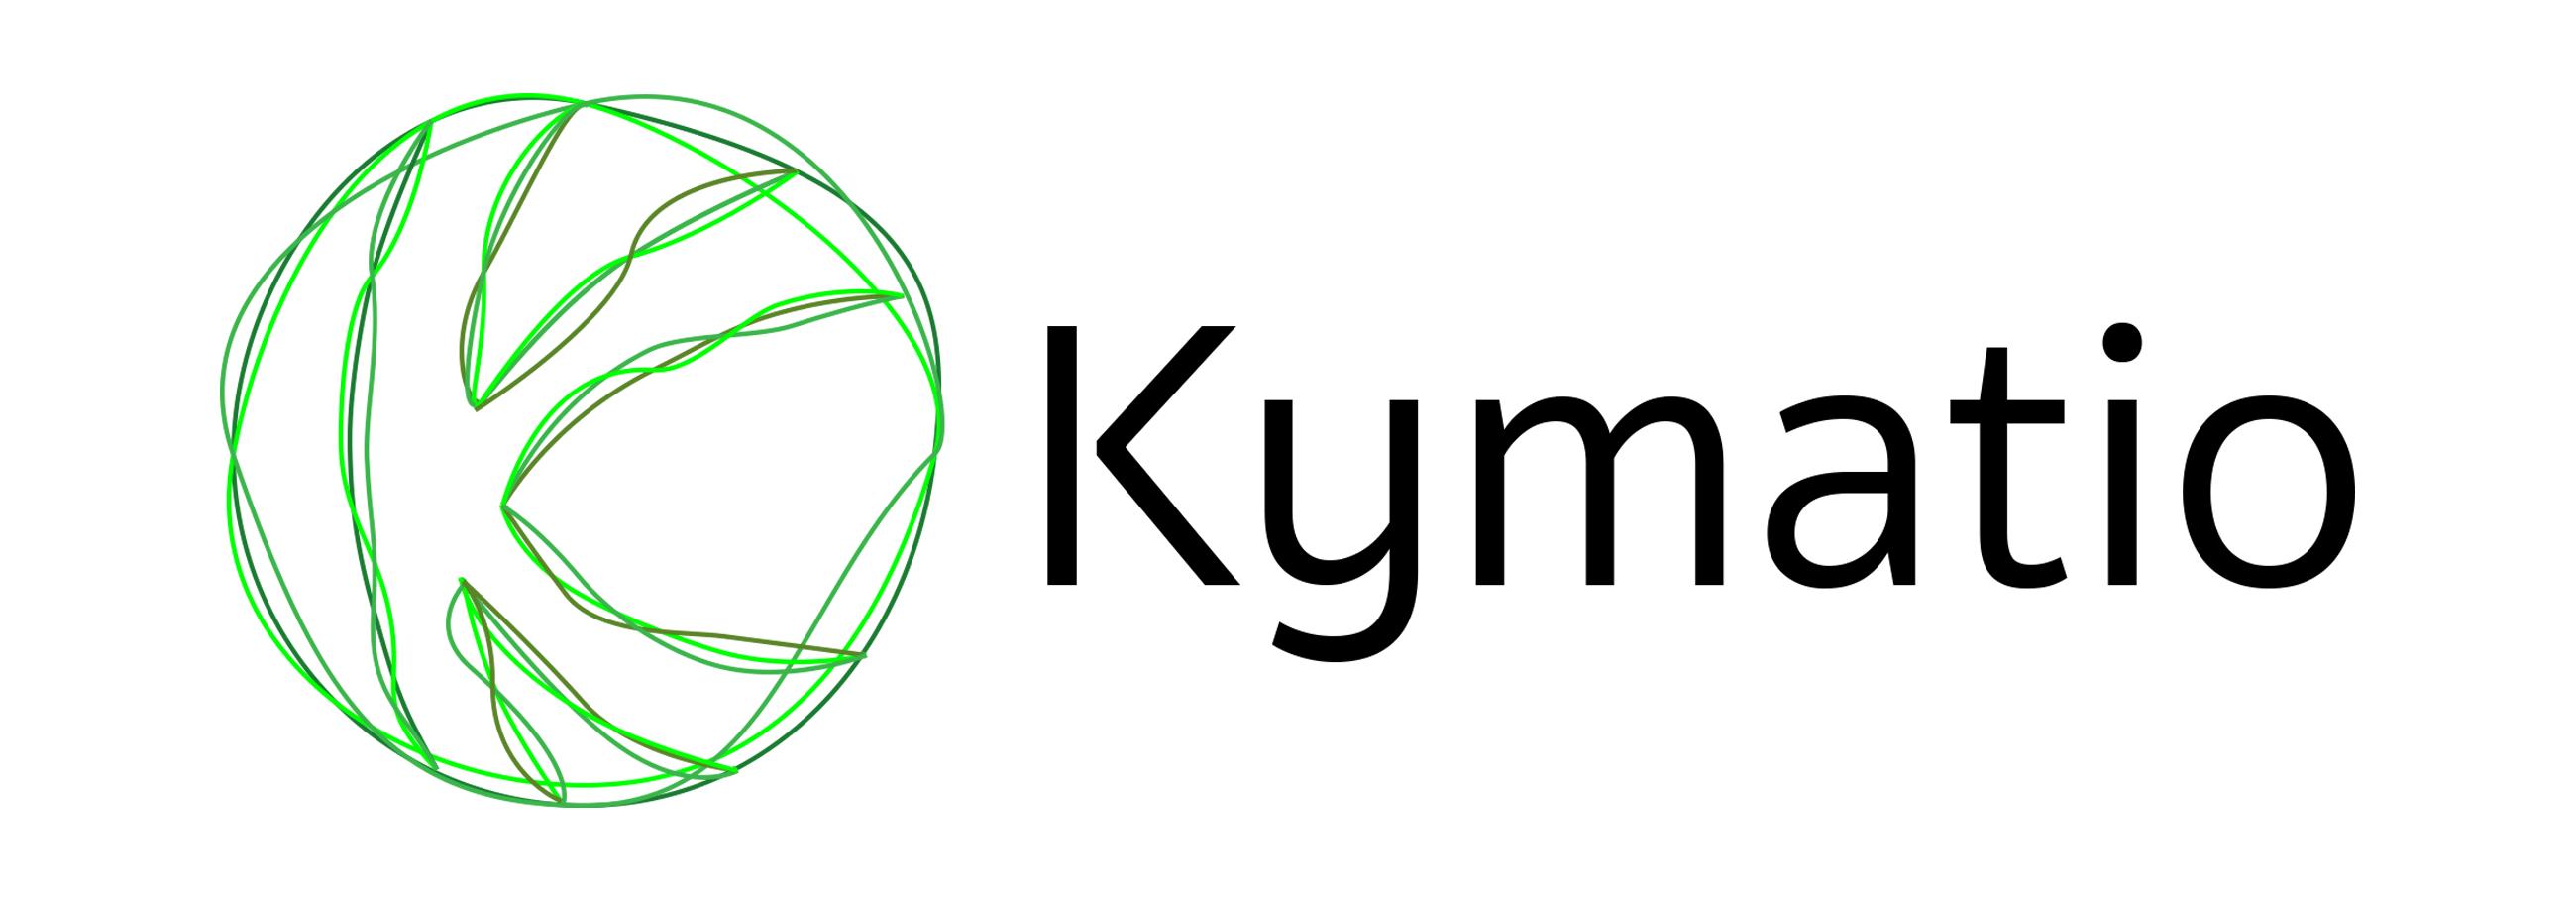 Kymatio logo White BG